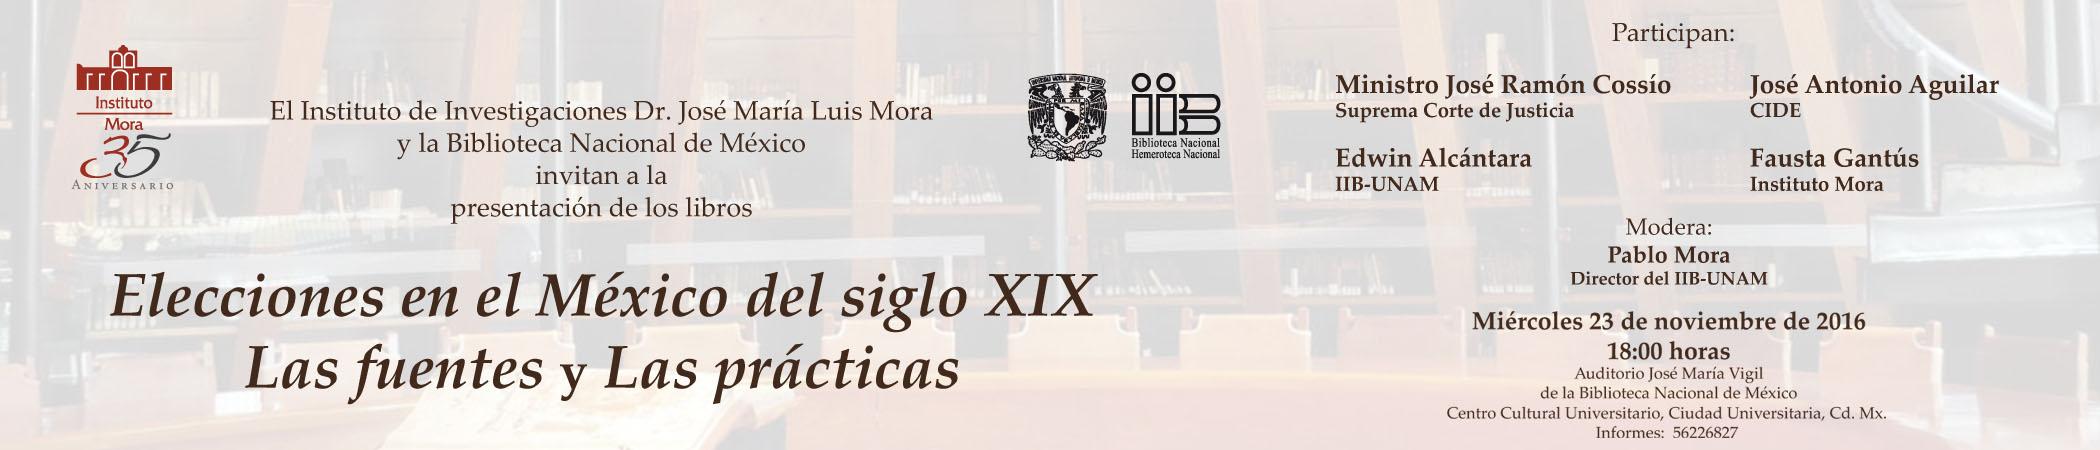 Presentación de los libros Elecciones en el México del siglo XIX. Las fuentes y Las prácticas.